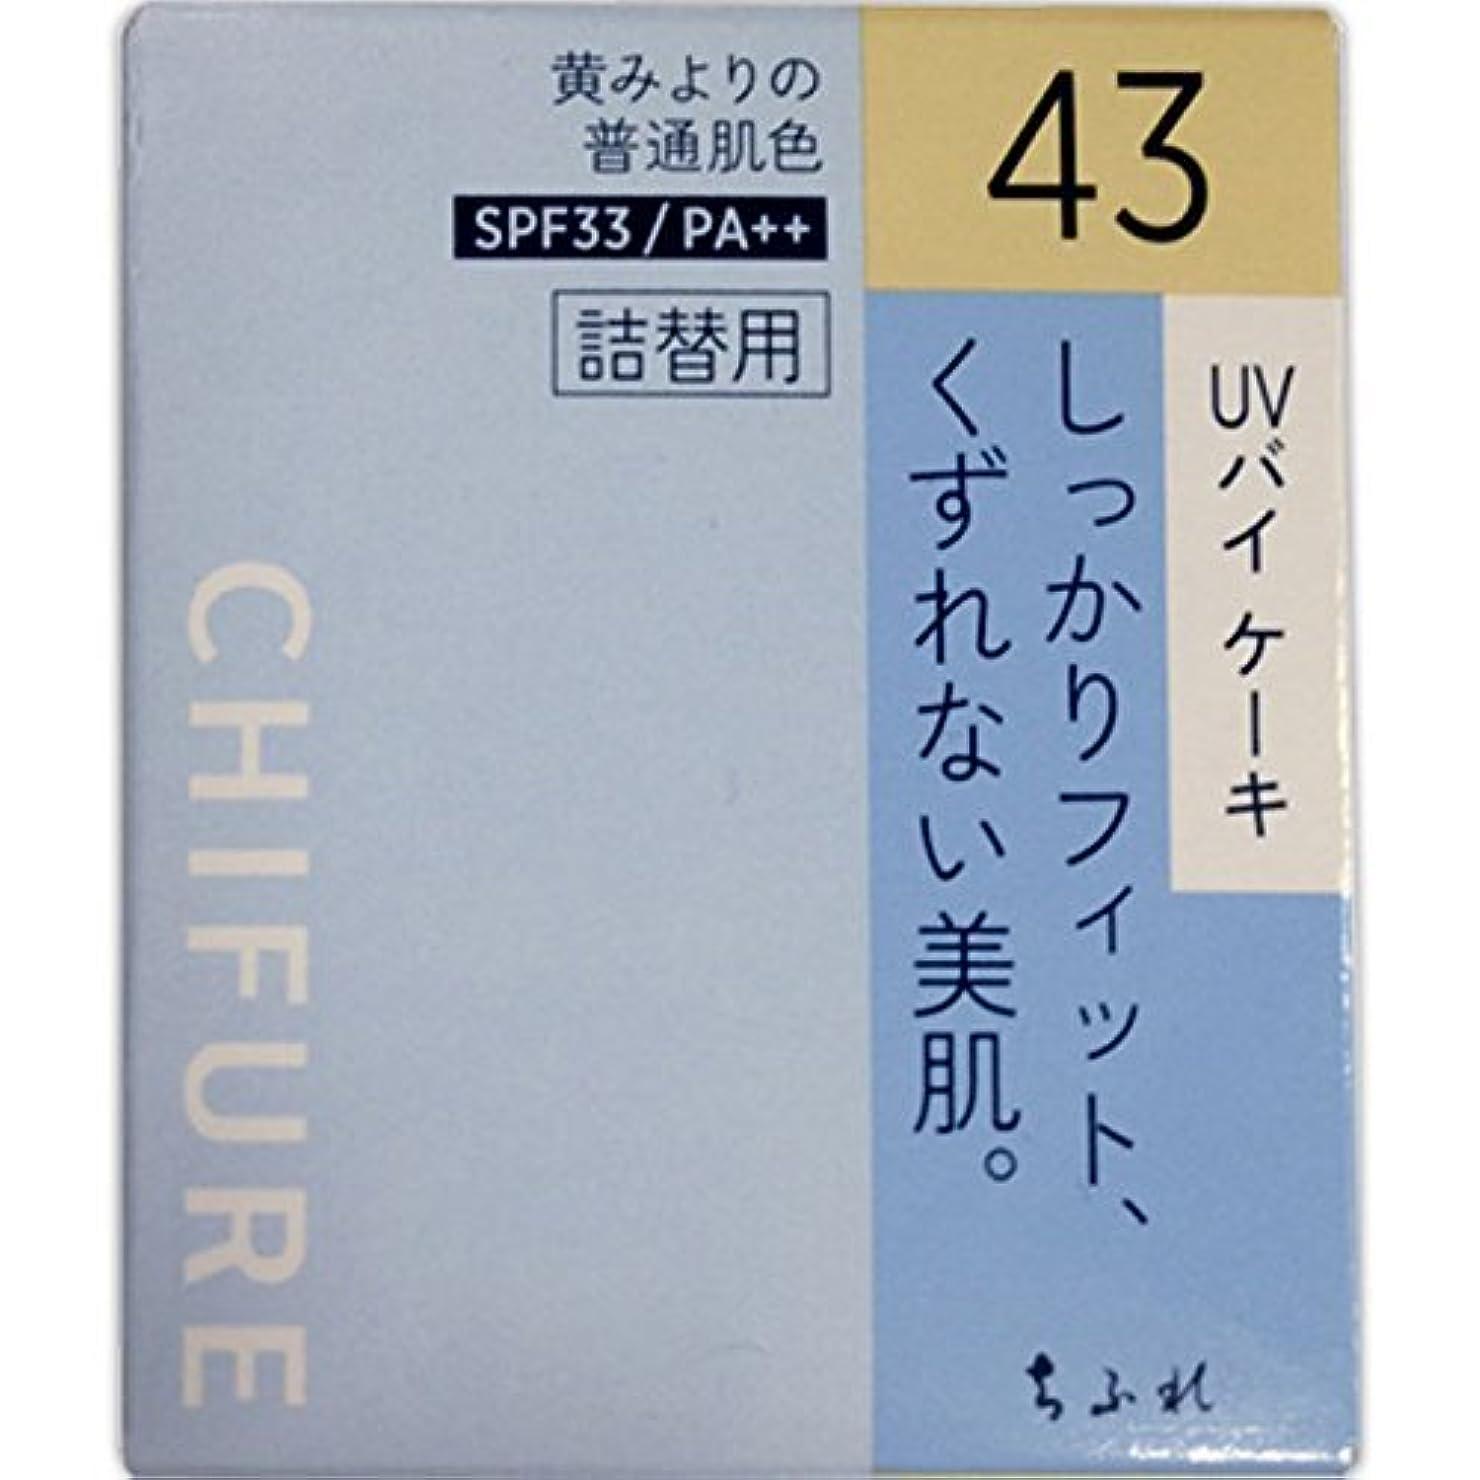 柔らかい足しっとりチェリーちふれ化粧品 UV バイ ケーキ 詰替用 43 黄みよりの普通肌色 43